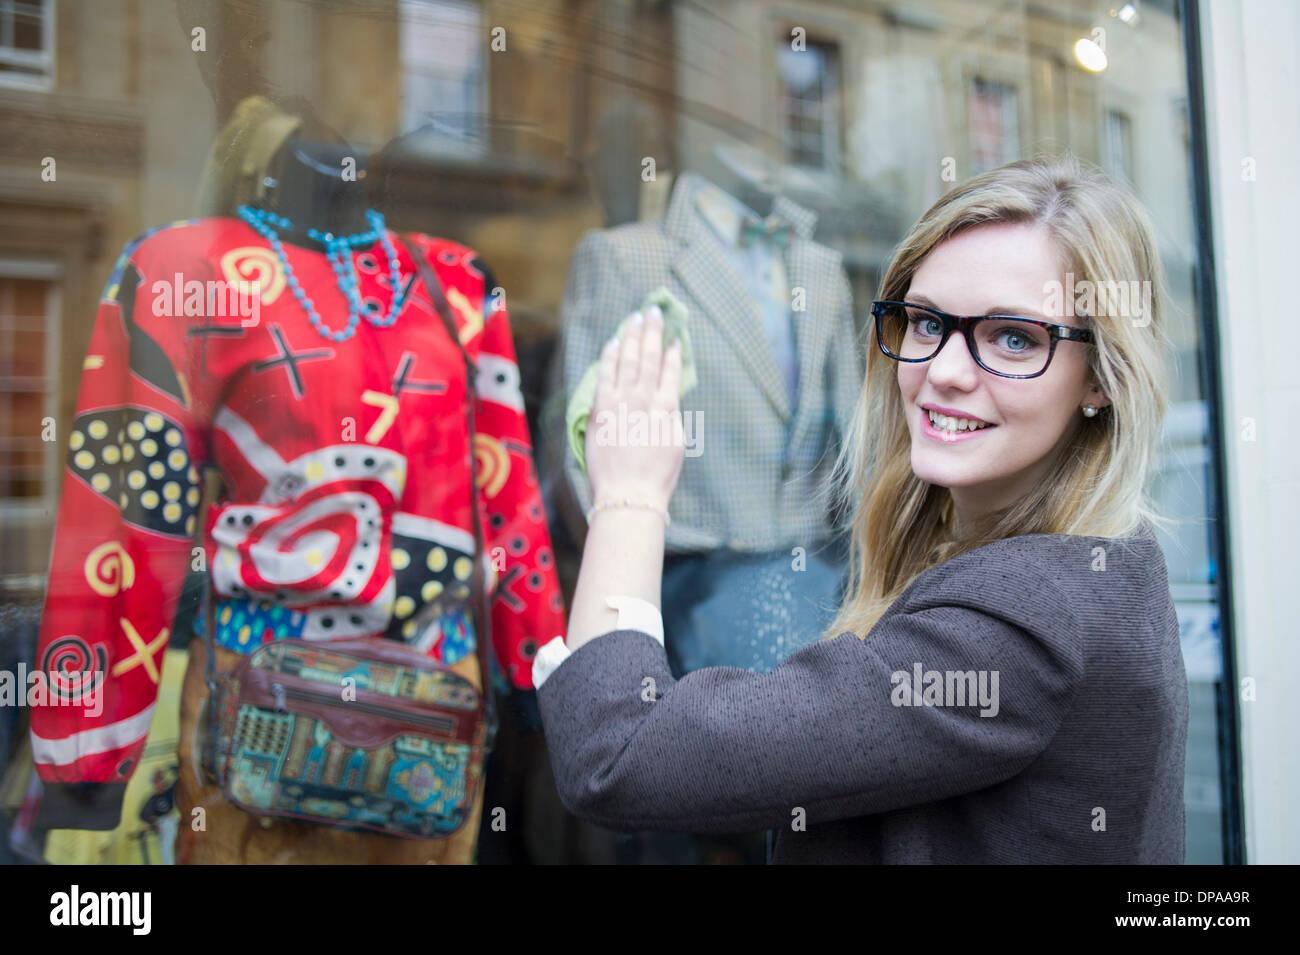 Donna finestra pulizia del negozio di abbigliamento Immagini Stock